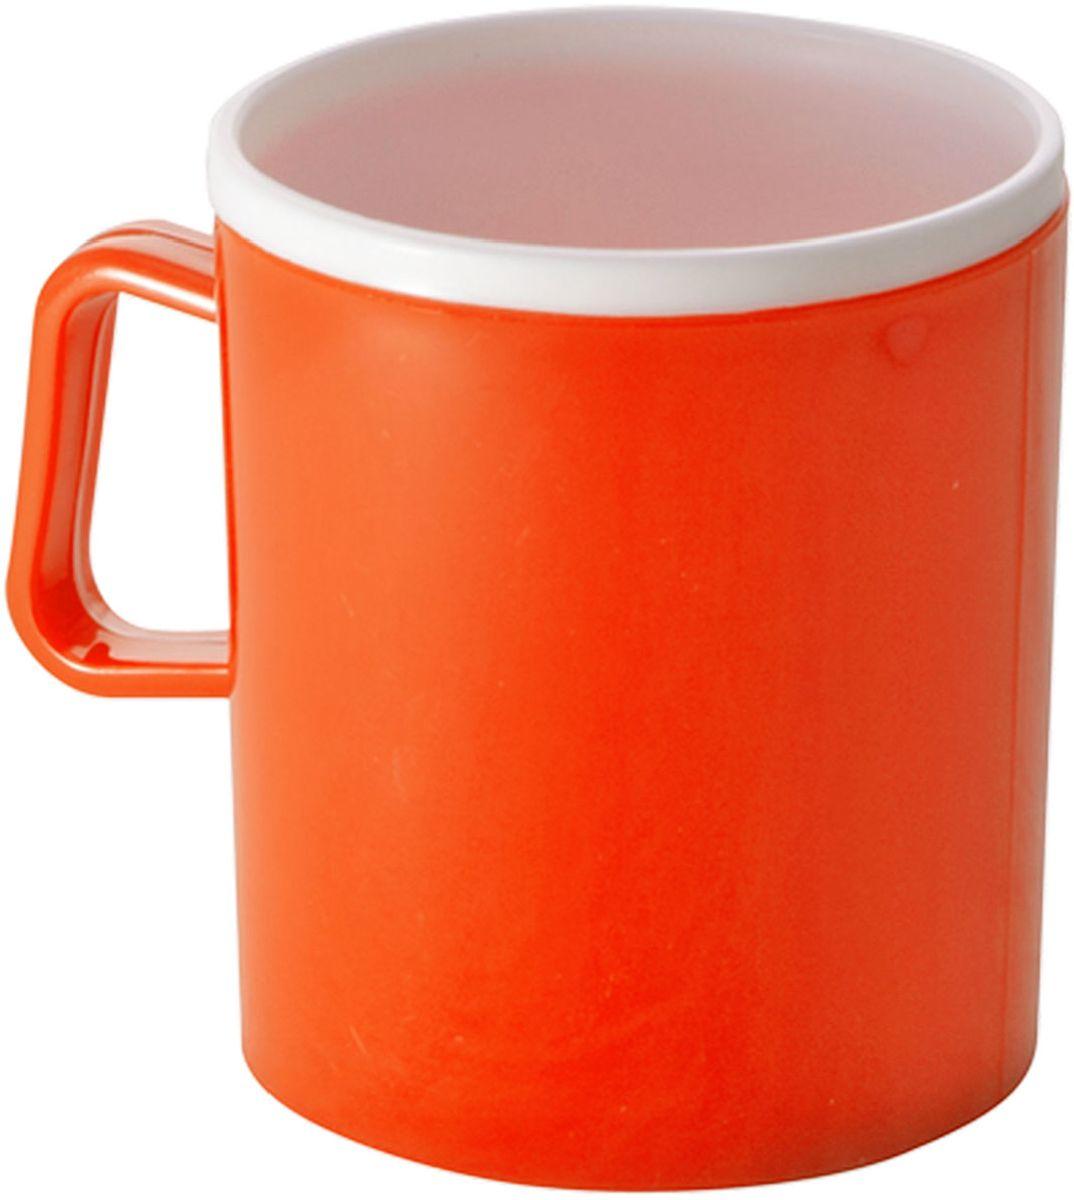 Термокружка Plastic Centre, двойная, цвет: оранжевый, 350 млПЦ1120МНДТермокружка Plastic Centre с двойными стенками предназначена для горячих напитков и прекрасно сохраняет их температуру. Прочный пластик подходит для многократного использования. Легкую кружку удобно взять с собой на природу или в поездку. Можно мыть в посудомоечной машине. Объем кружки: 350 мл. Высота кружки: 10 см.